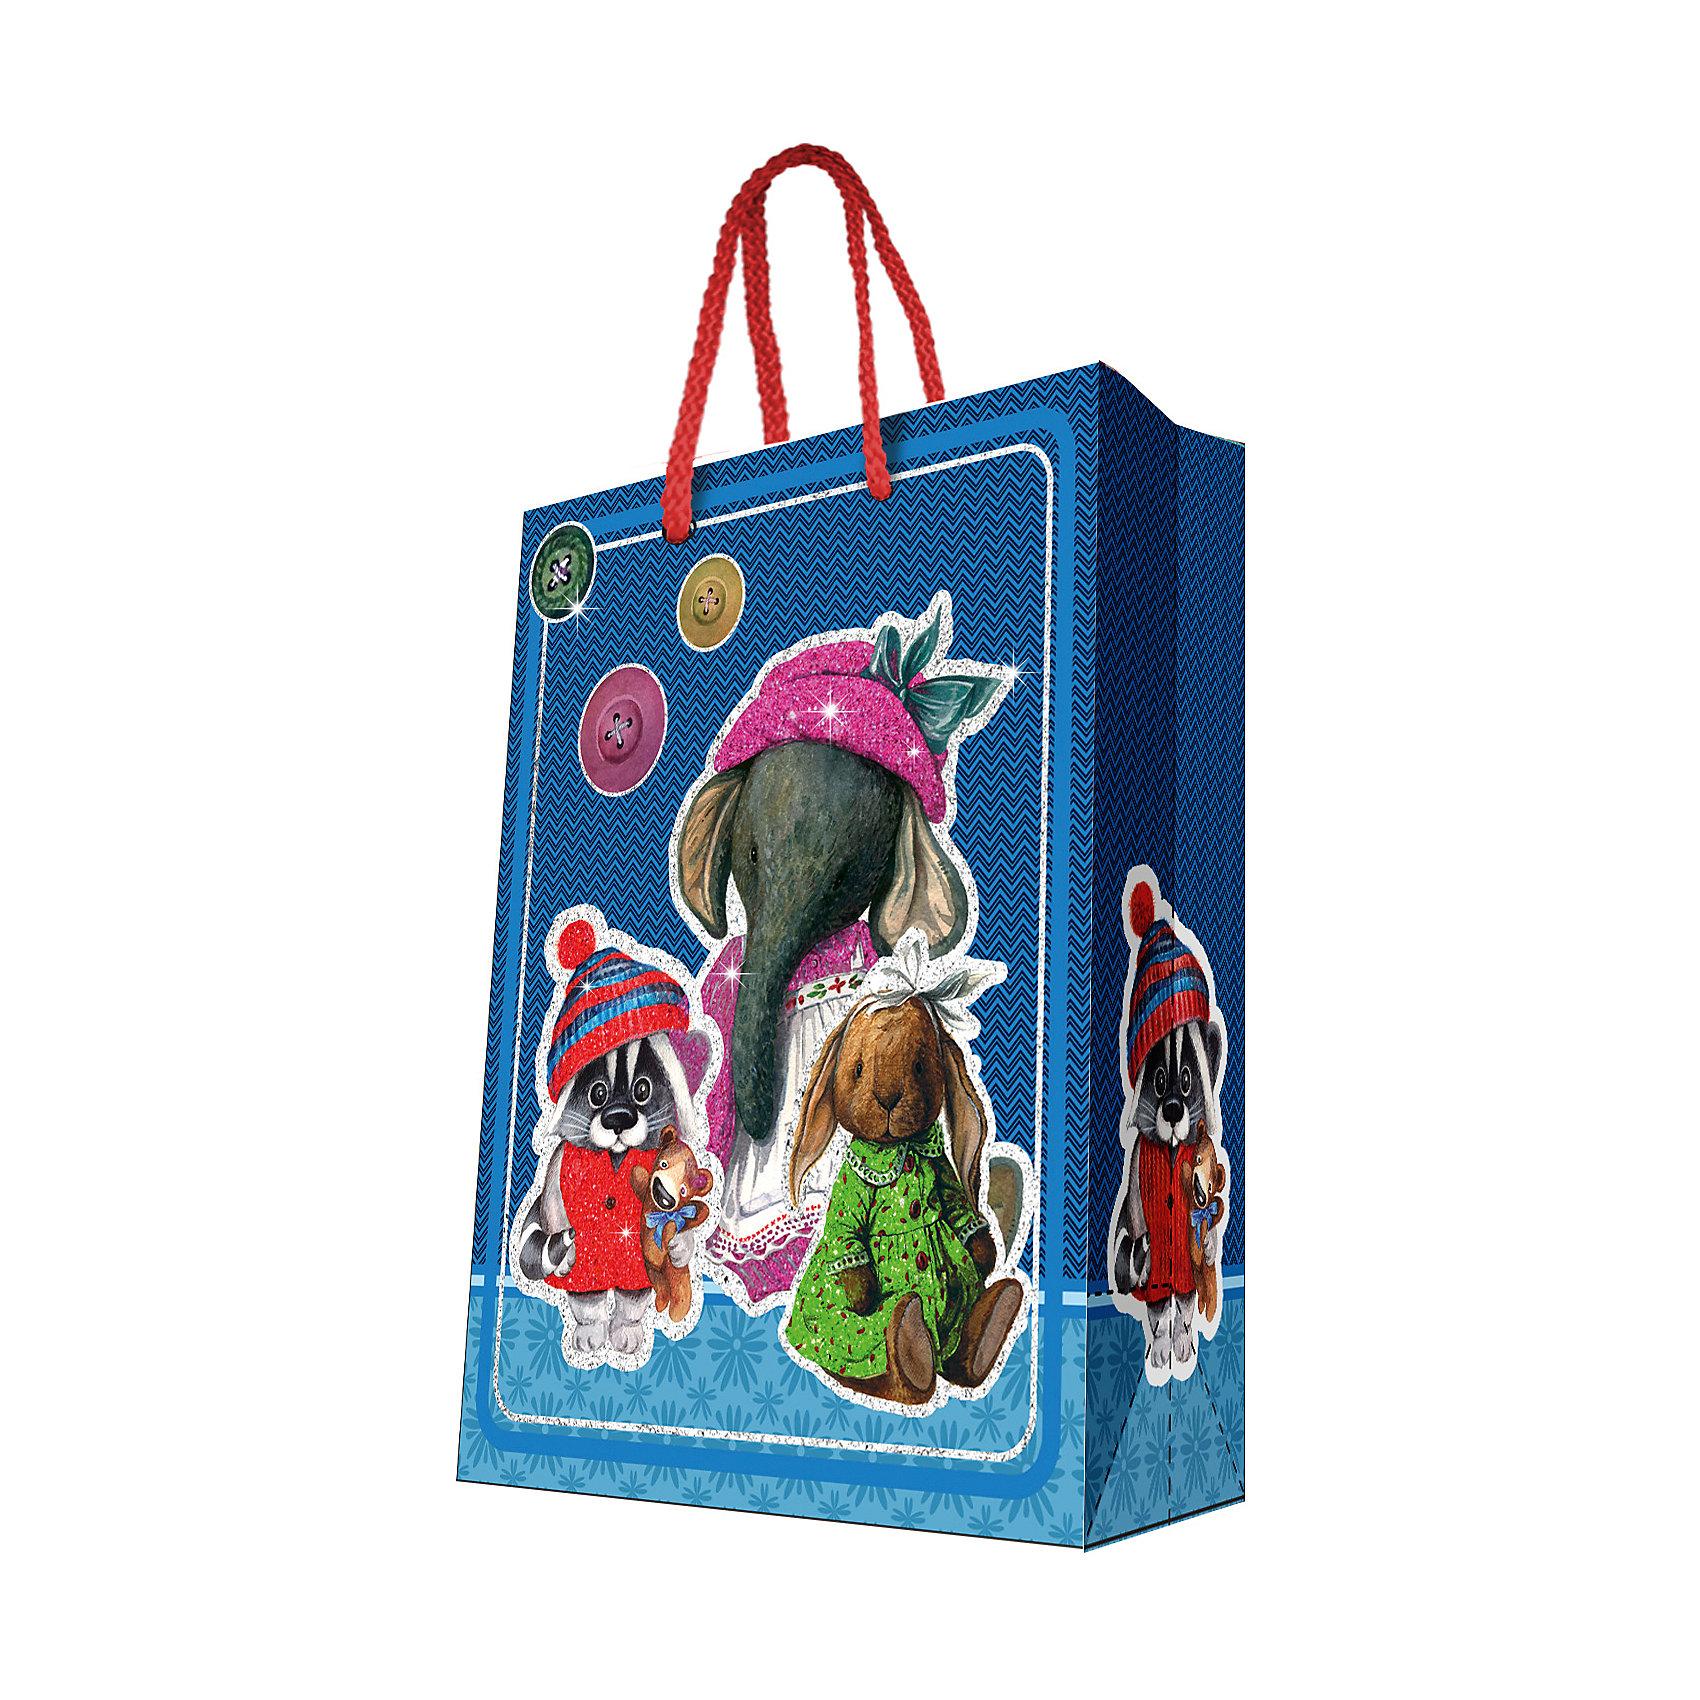 Феникс-Презент Подарочный пакет Ретро-игрушки 26*32,4*12,7 см феникс презент подарочный пакет лимоны 26 32 4 12 7 см